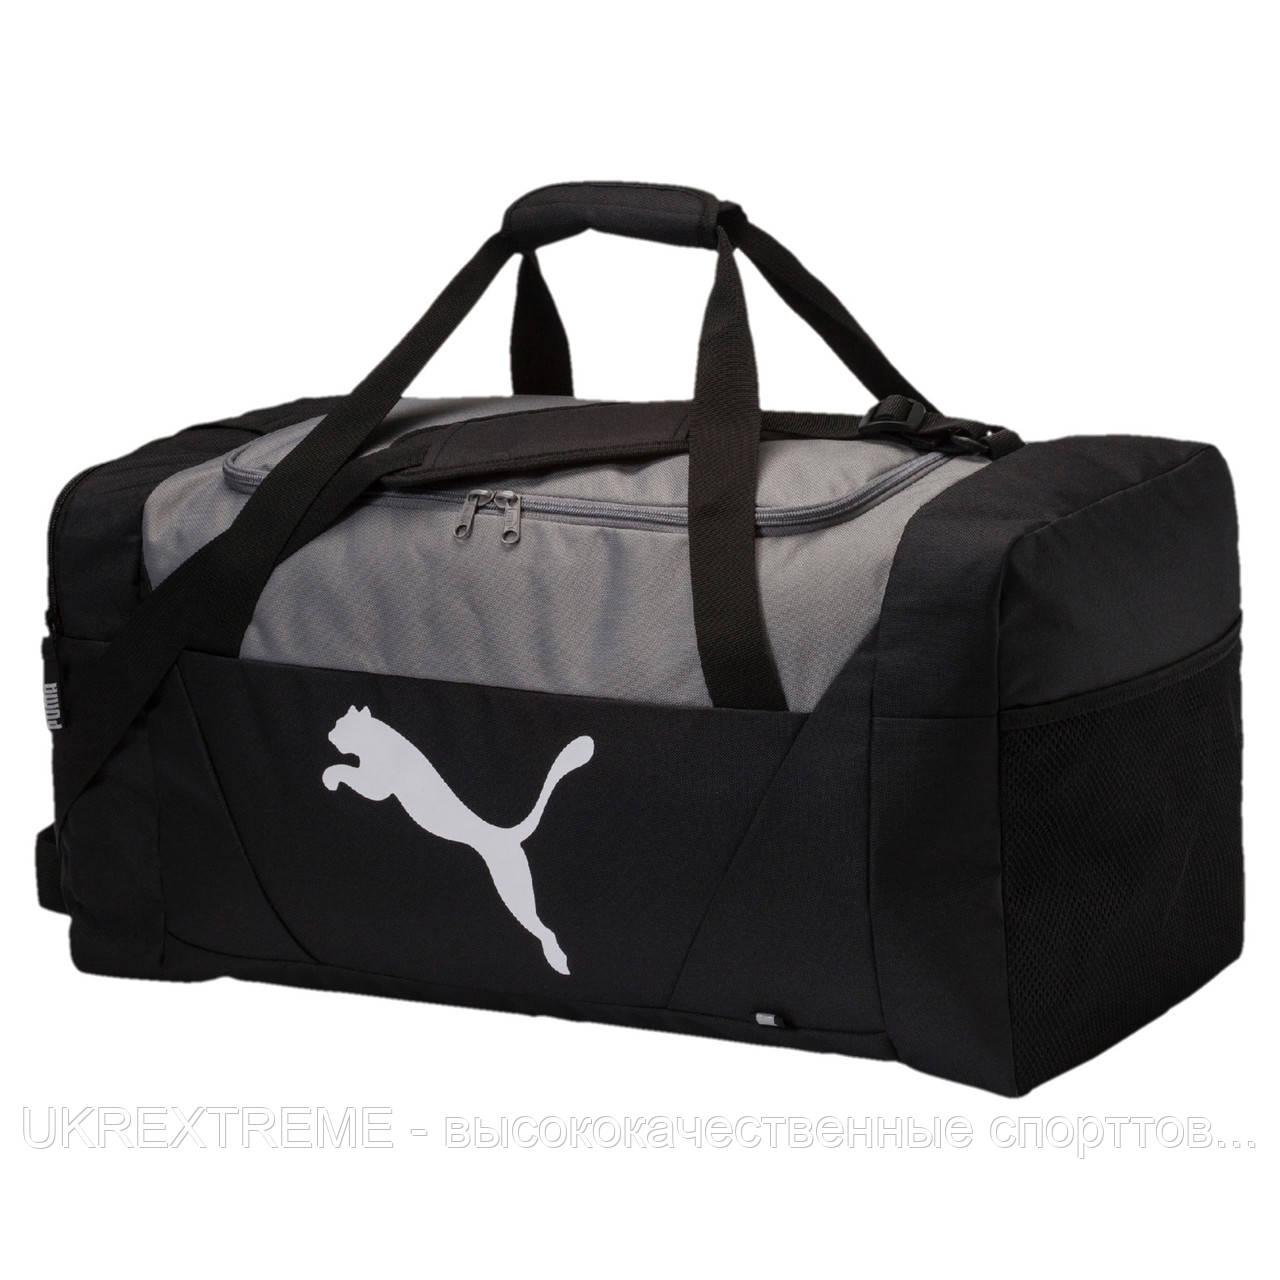 cc7cee433dcf Сумка Puma Fundamentals Sports Bag M (ОРИГИНАЛ) — в Категории ...